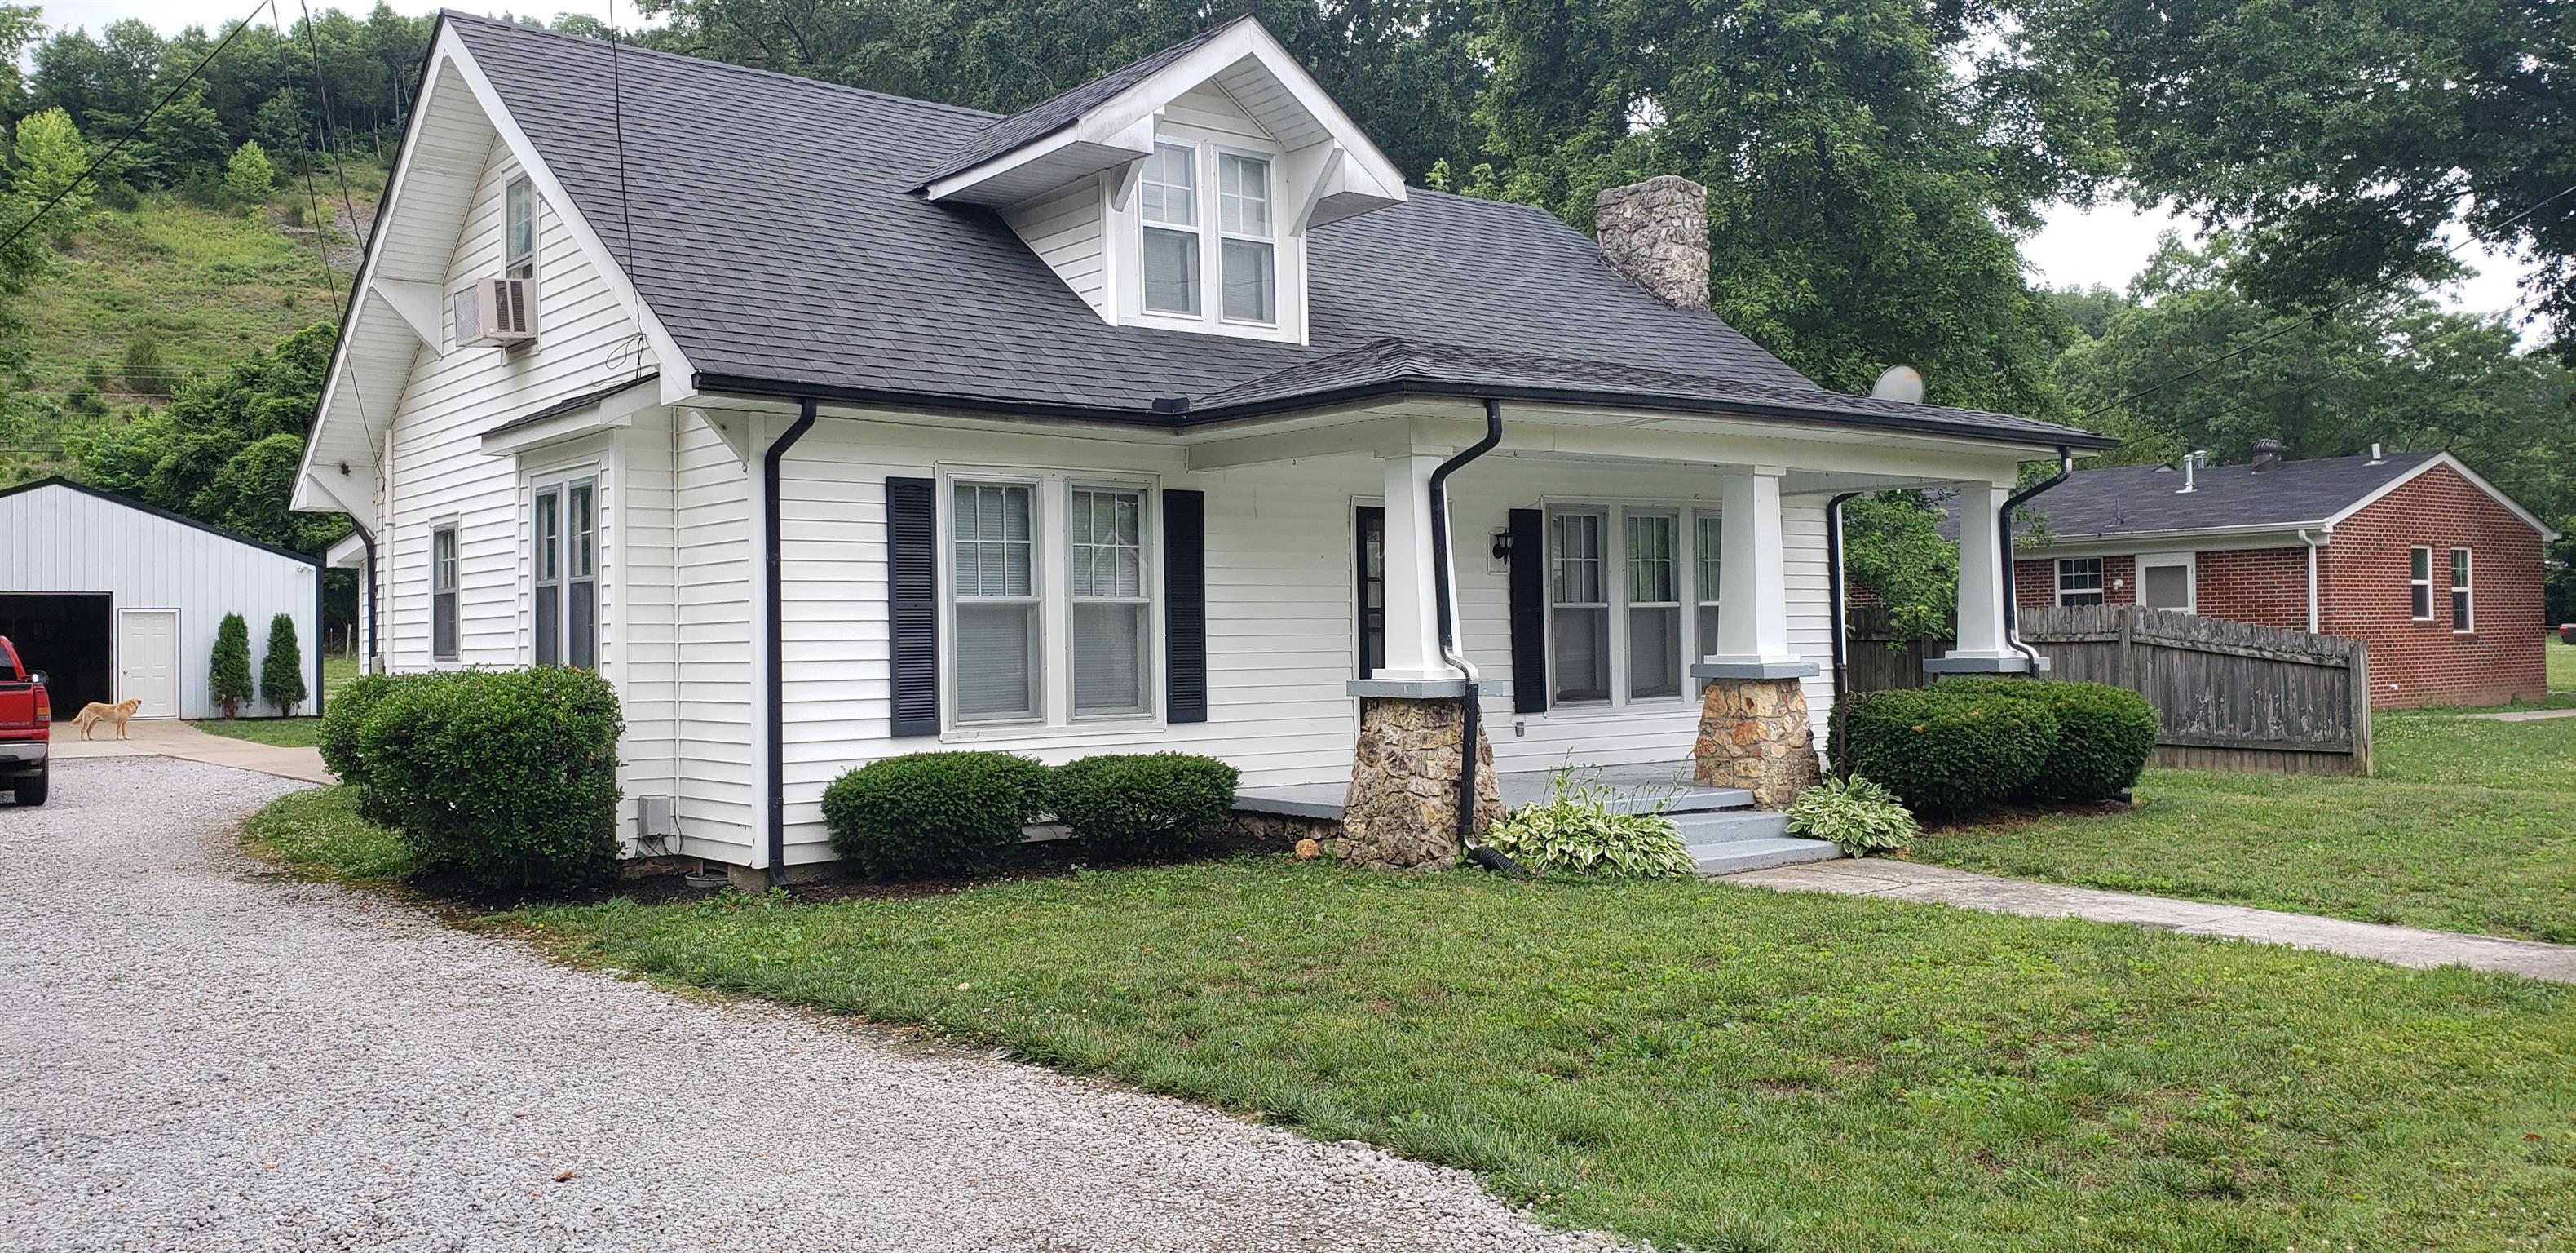 1539 W Main St, Dowelltown, TN 37059 - Dowelltown, TN real estate listing